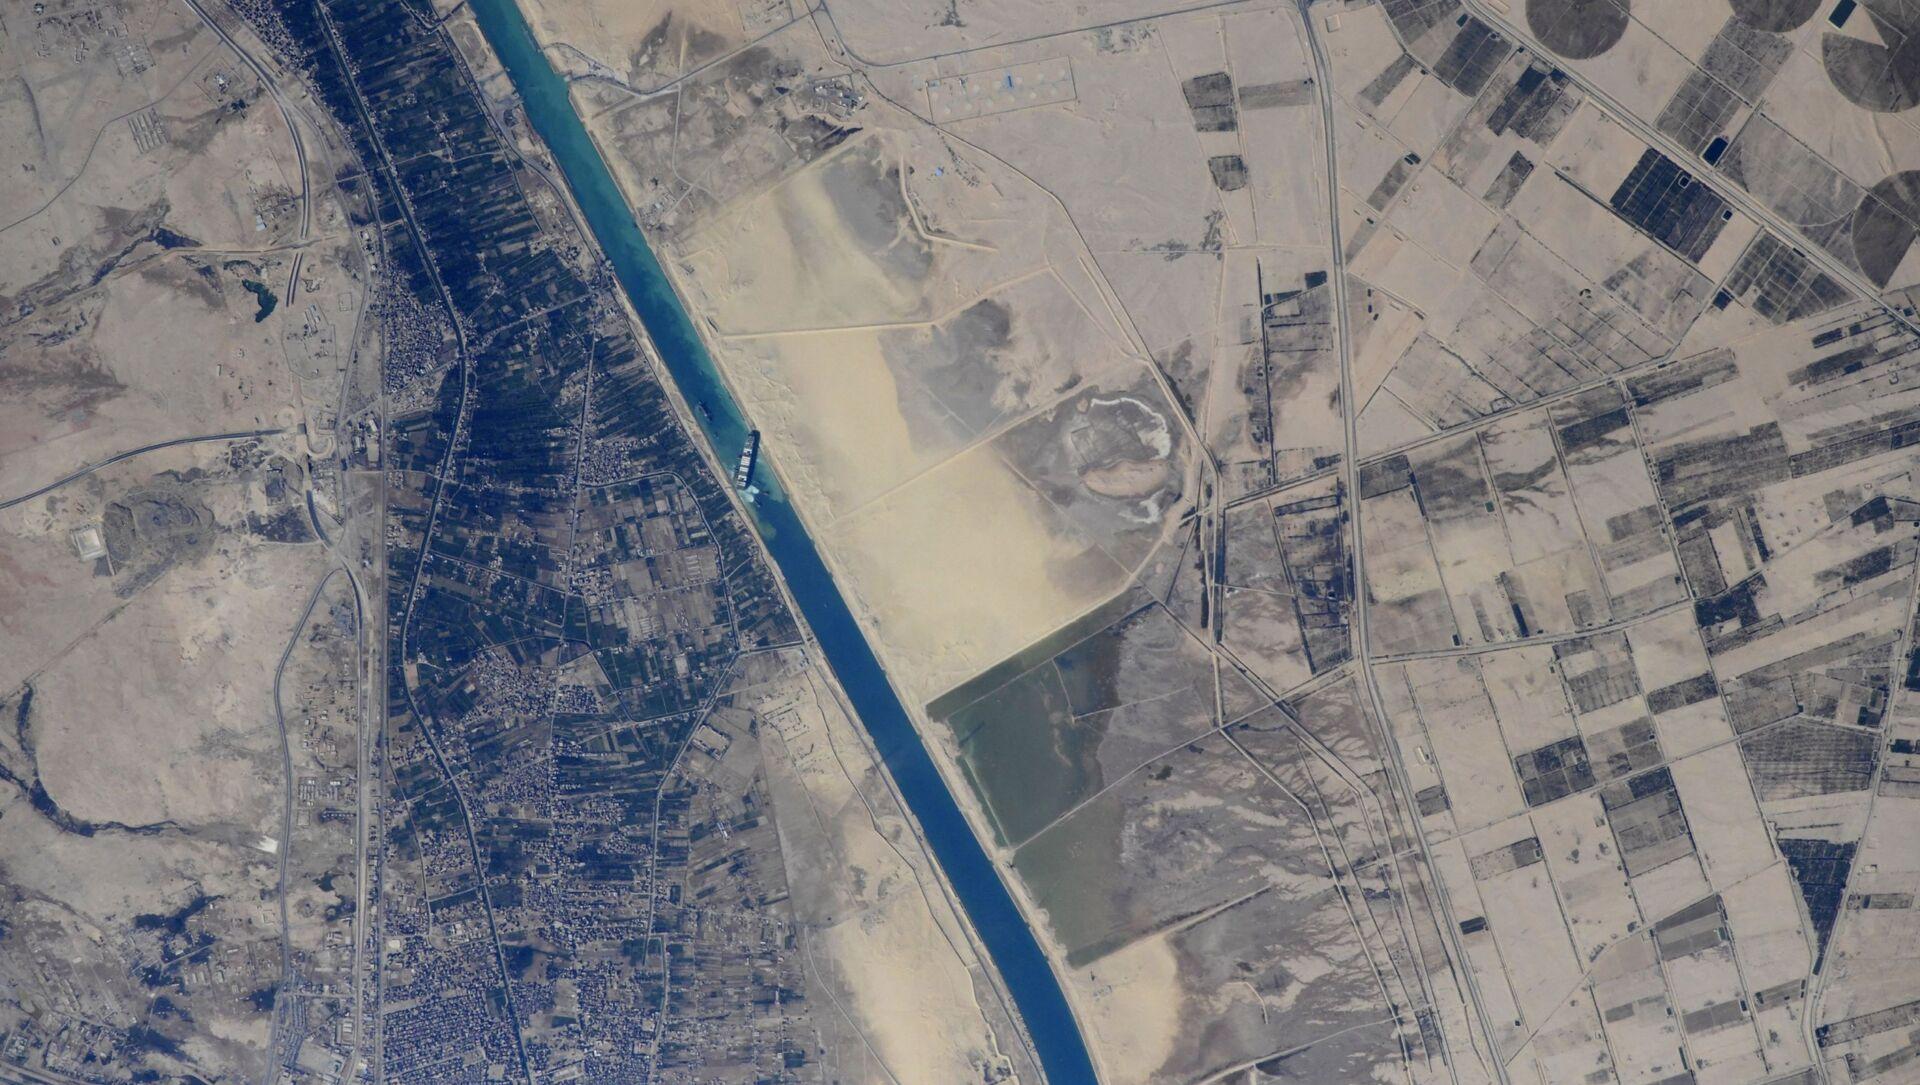 Снимак брода који је блокирао Суецки канал из свемира - Sputnik Србија, 1920, 28.03.2021